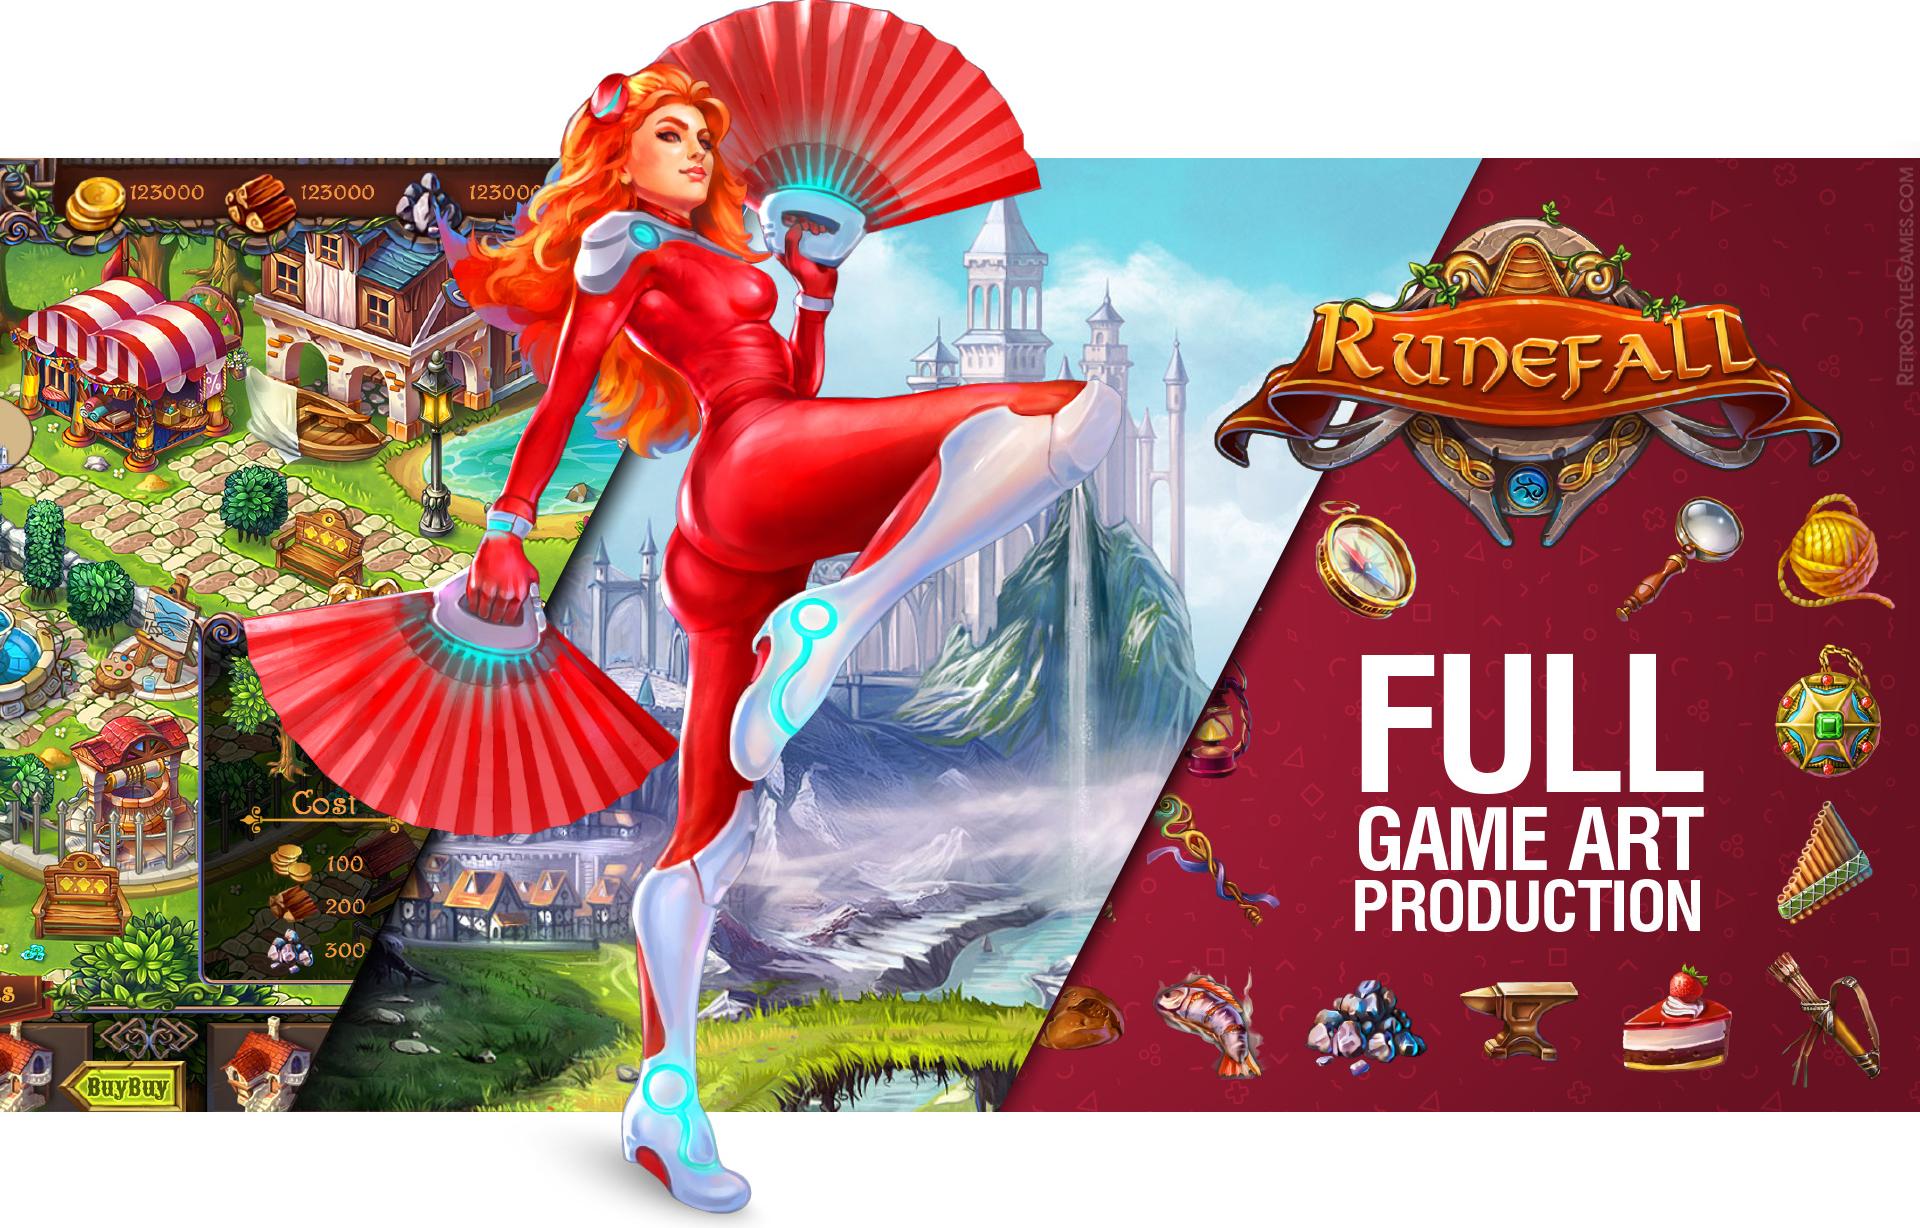 2D 3D Full Game Art Production